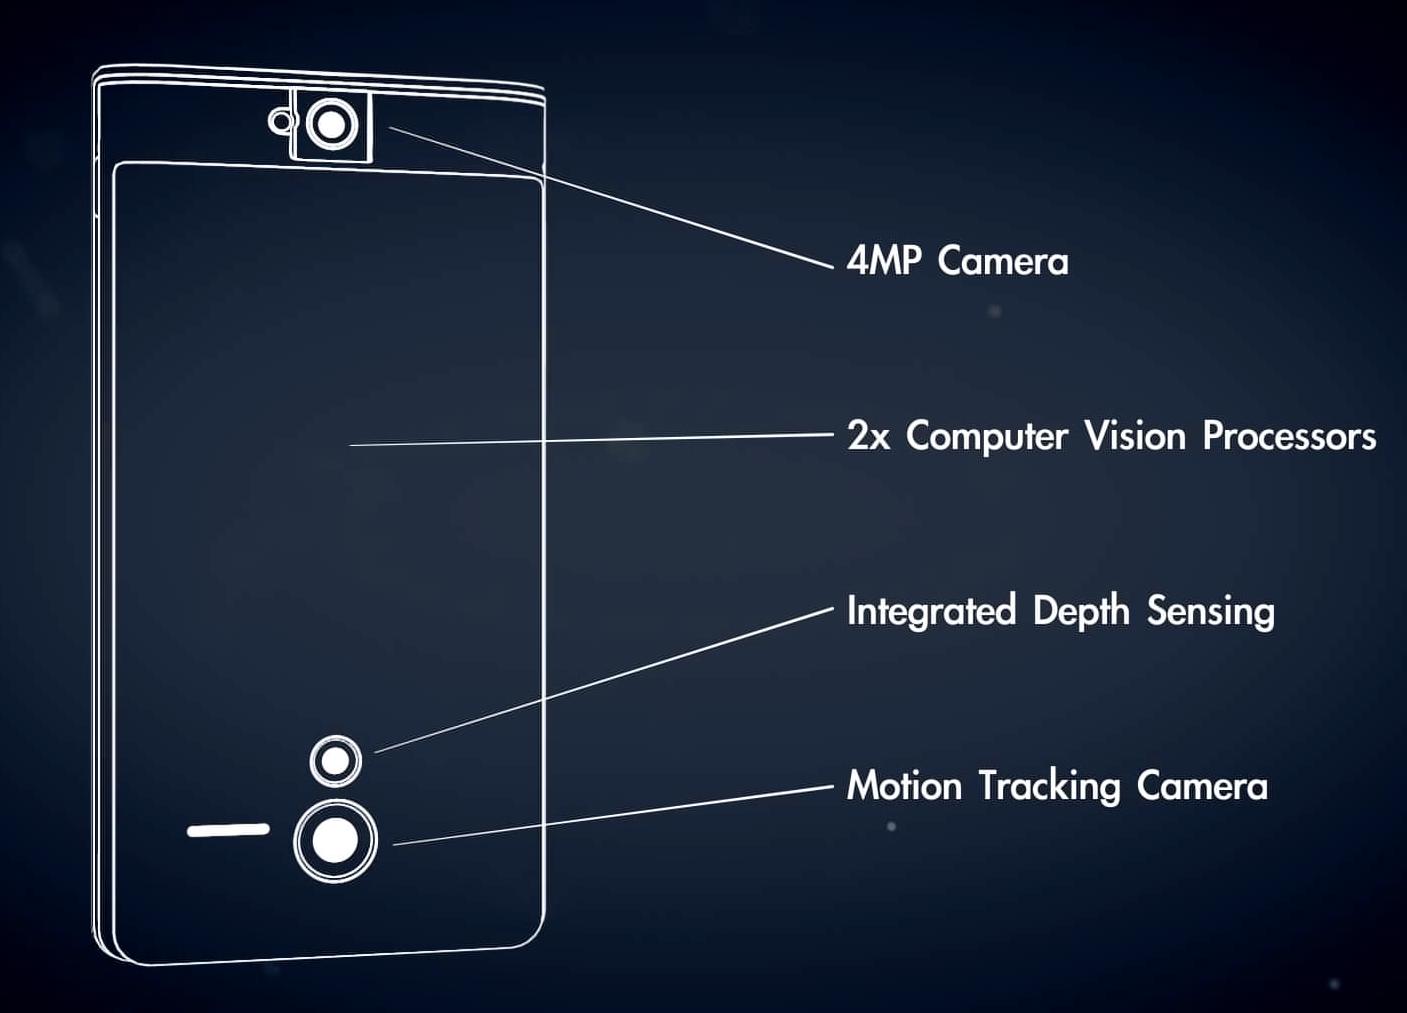 Slik presenterer Google Project Tango. Ved hjelp av ekstra kamera og et LED-lys som legger et infrarødt rutemønster over rommet kan telefonen med stor nøyaktighet skille ulike objekter fra hverandre.Foto: Google